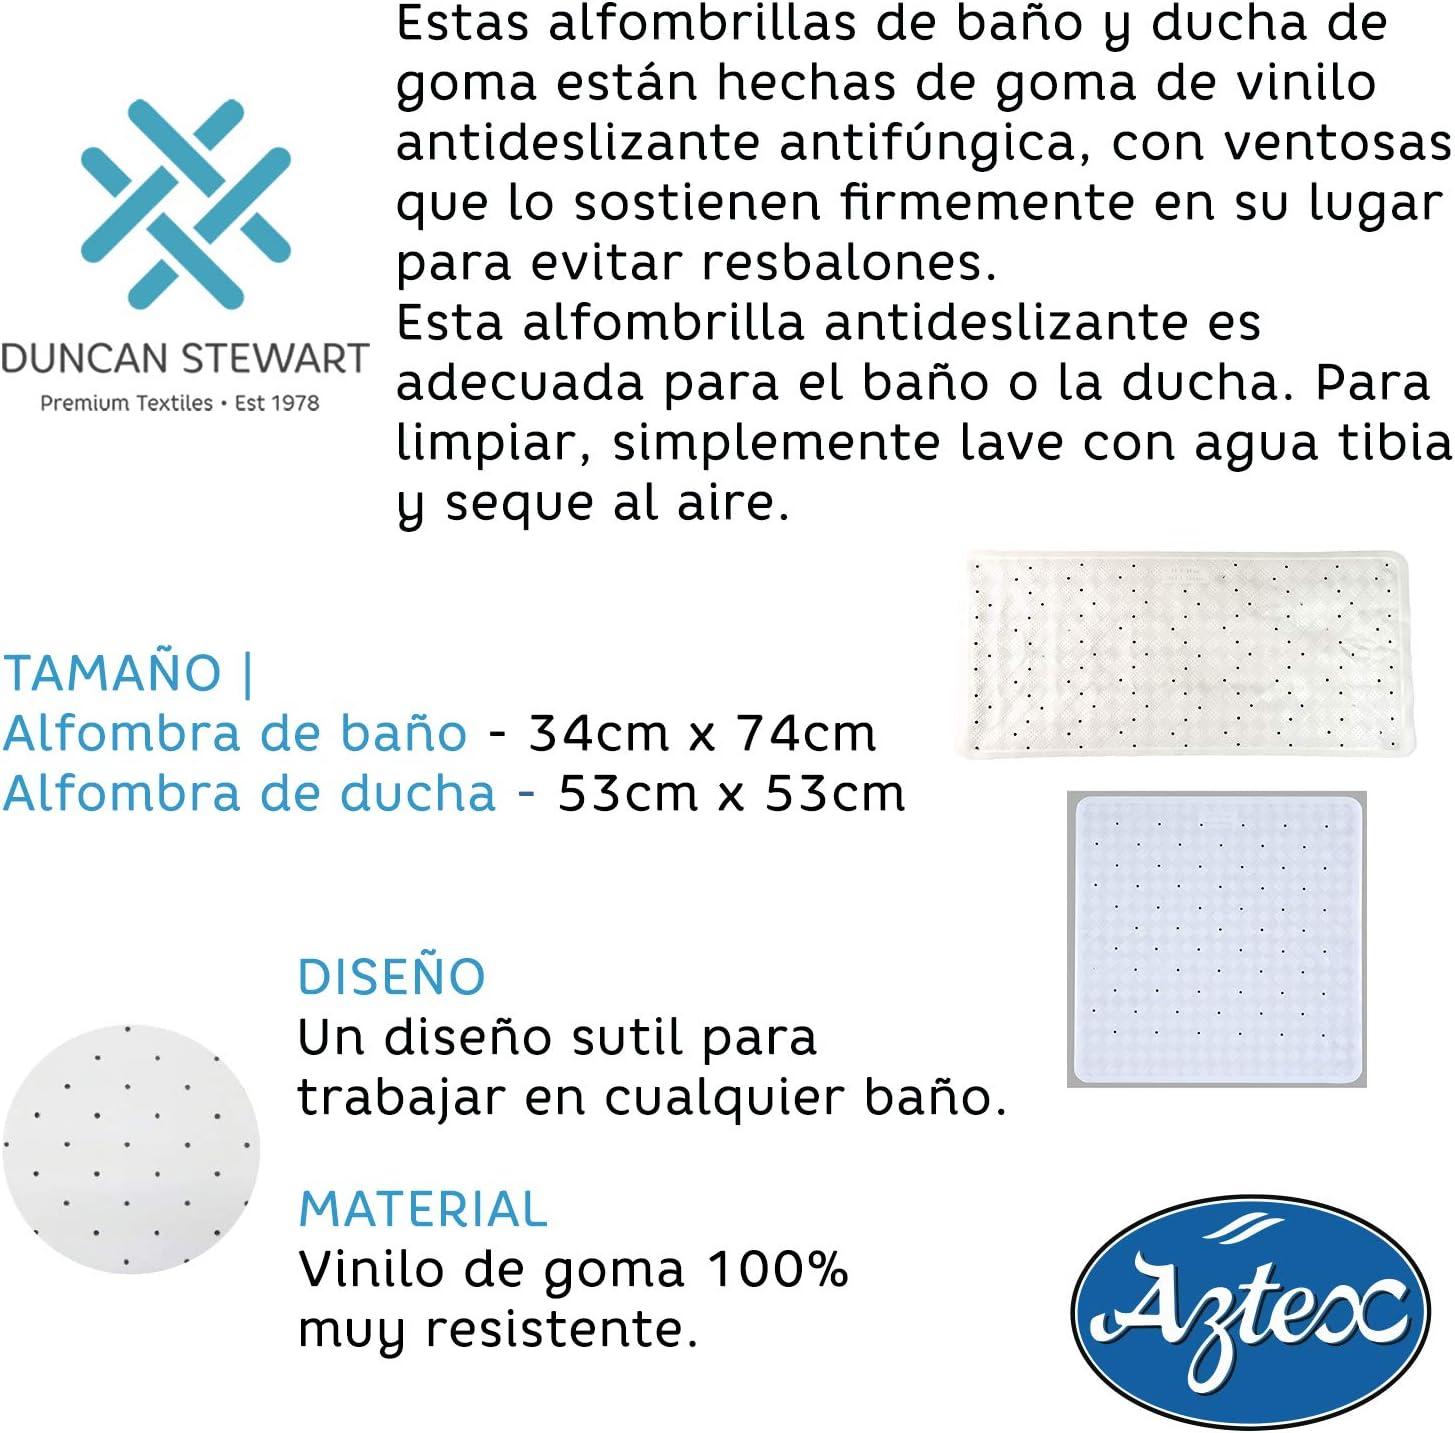 aztex Alfombrilla De Baño o Ducha Antifúngica con Clips De Ventosa ...